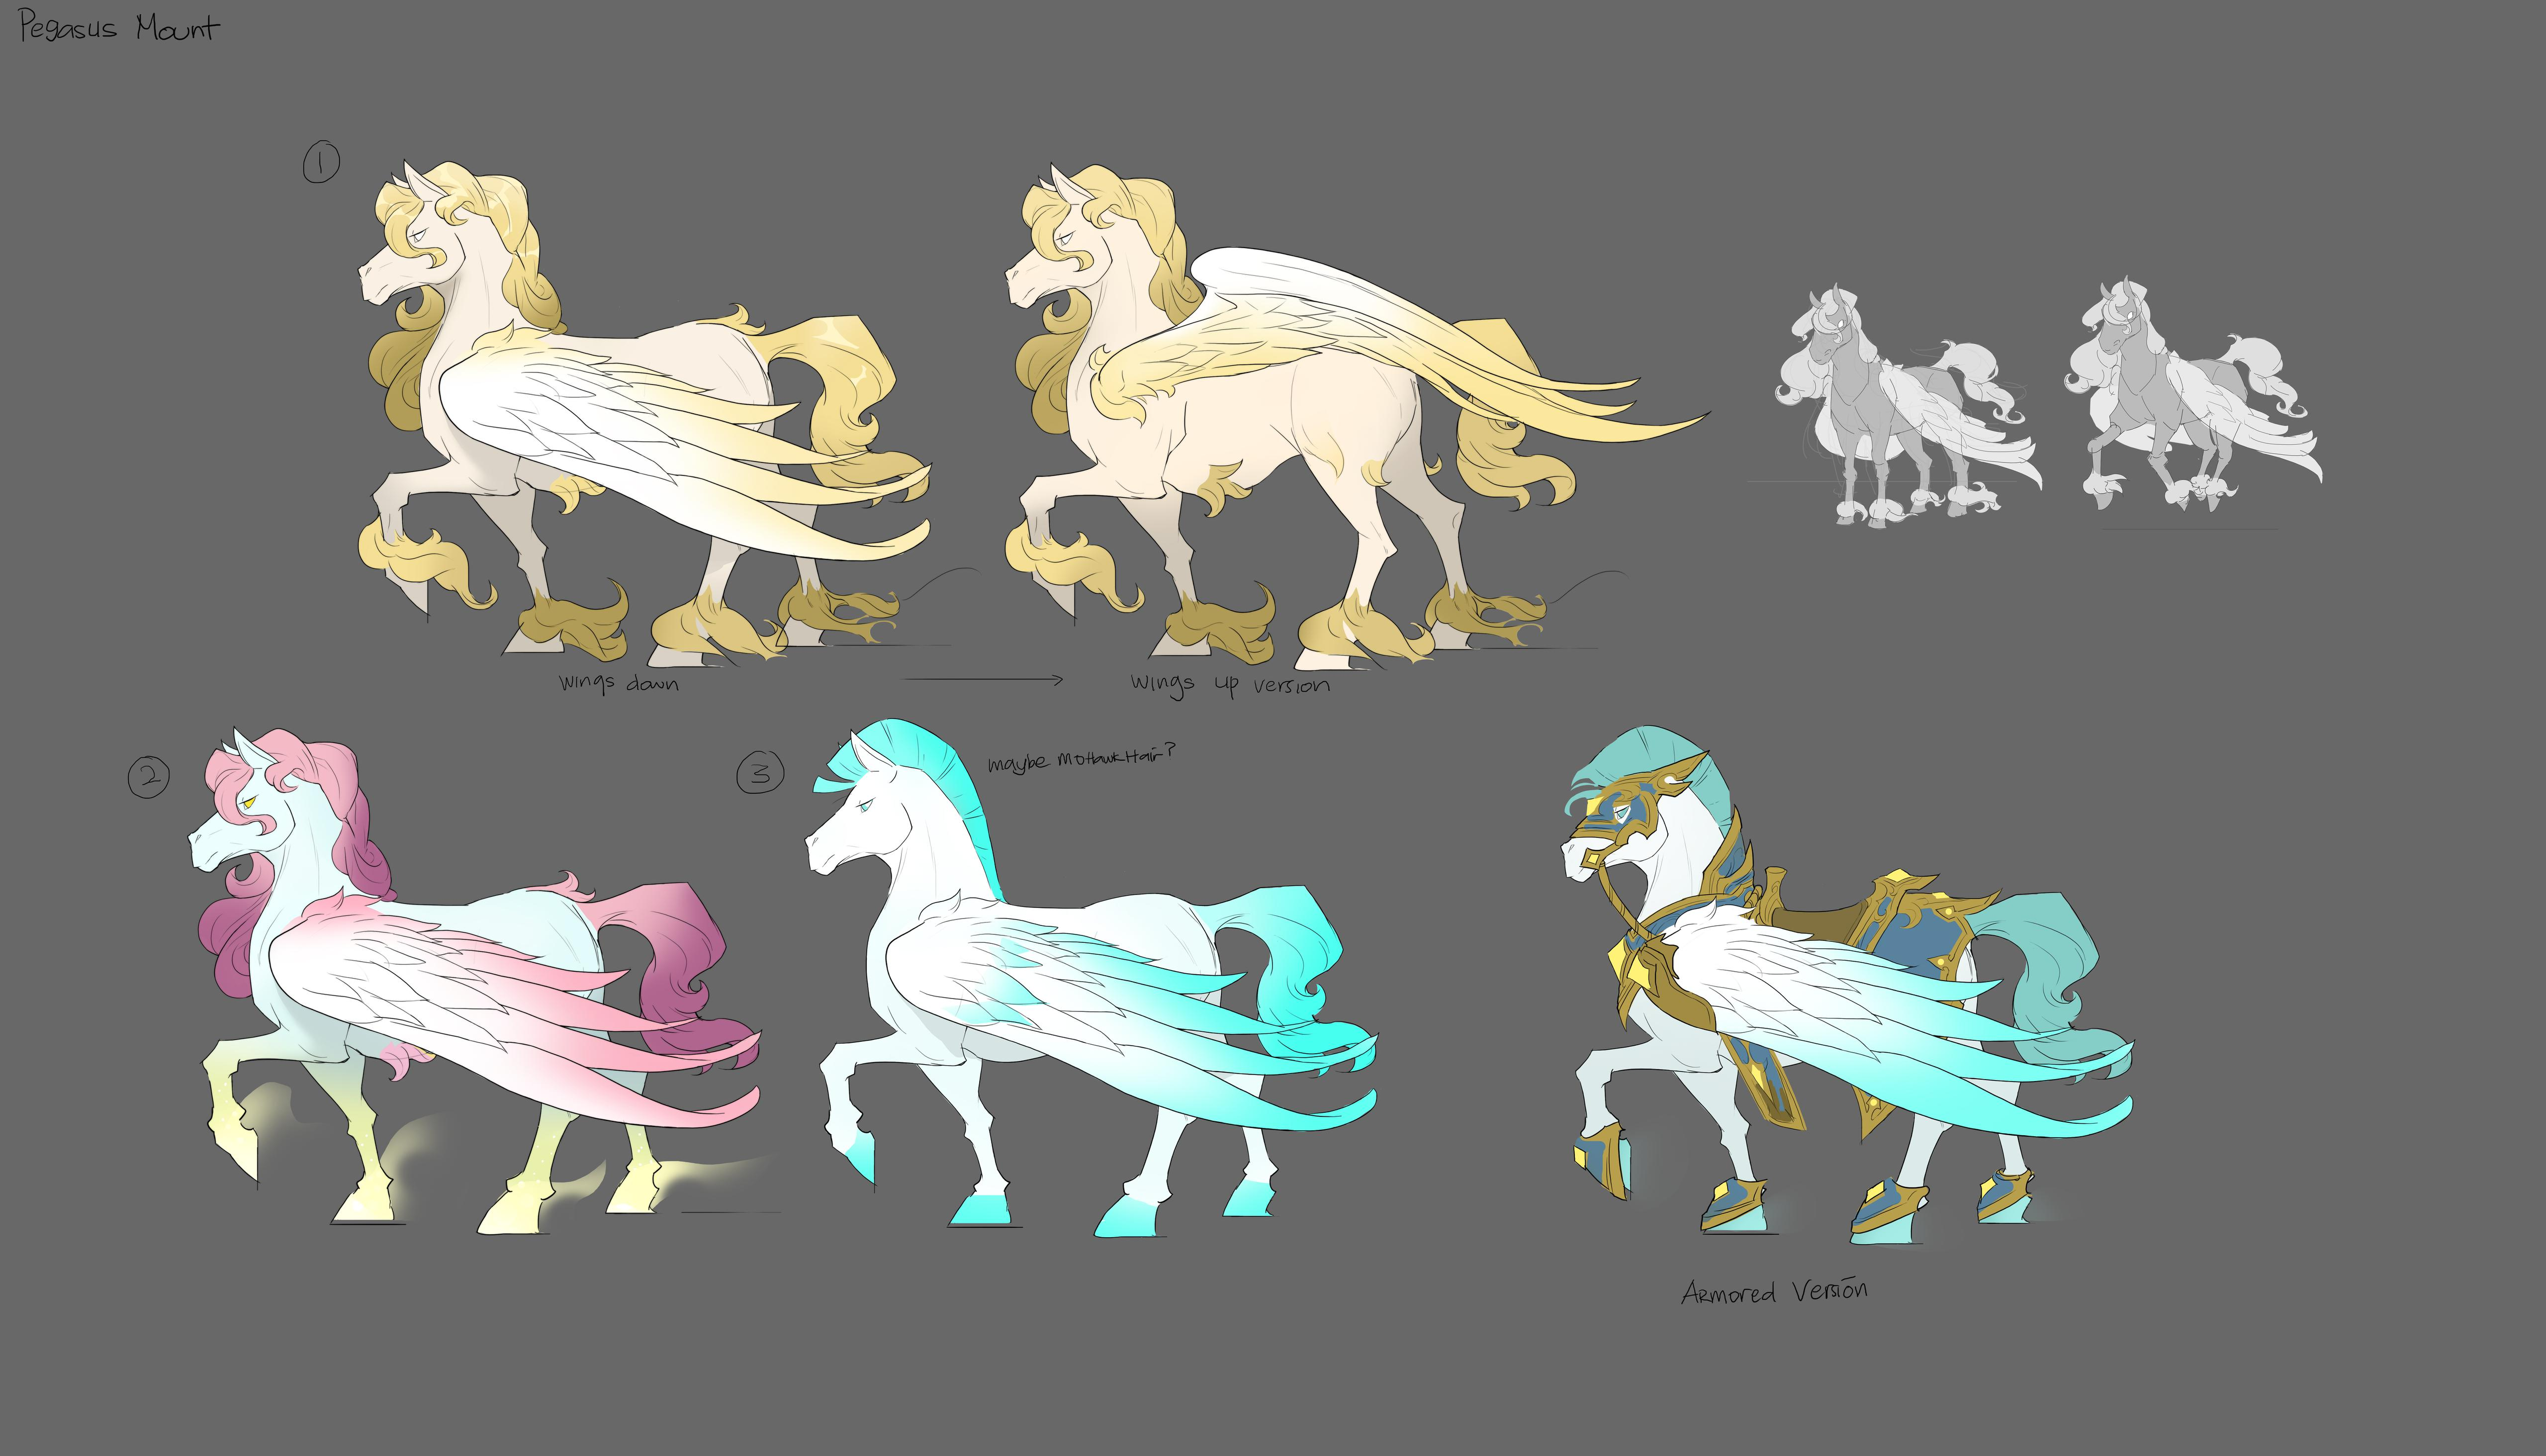 Pegasus mount concept art